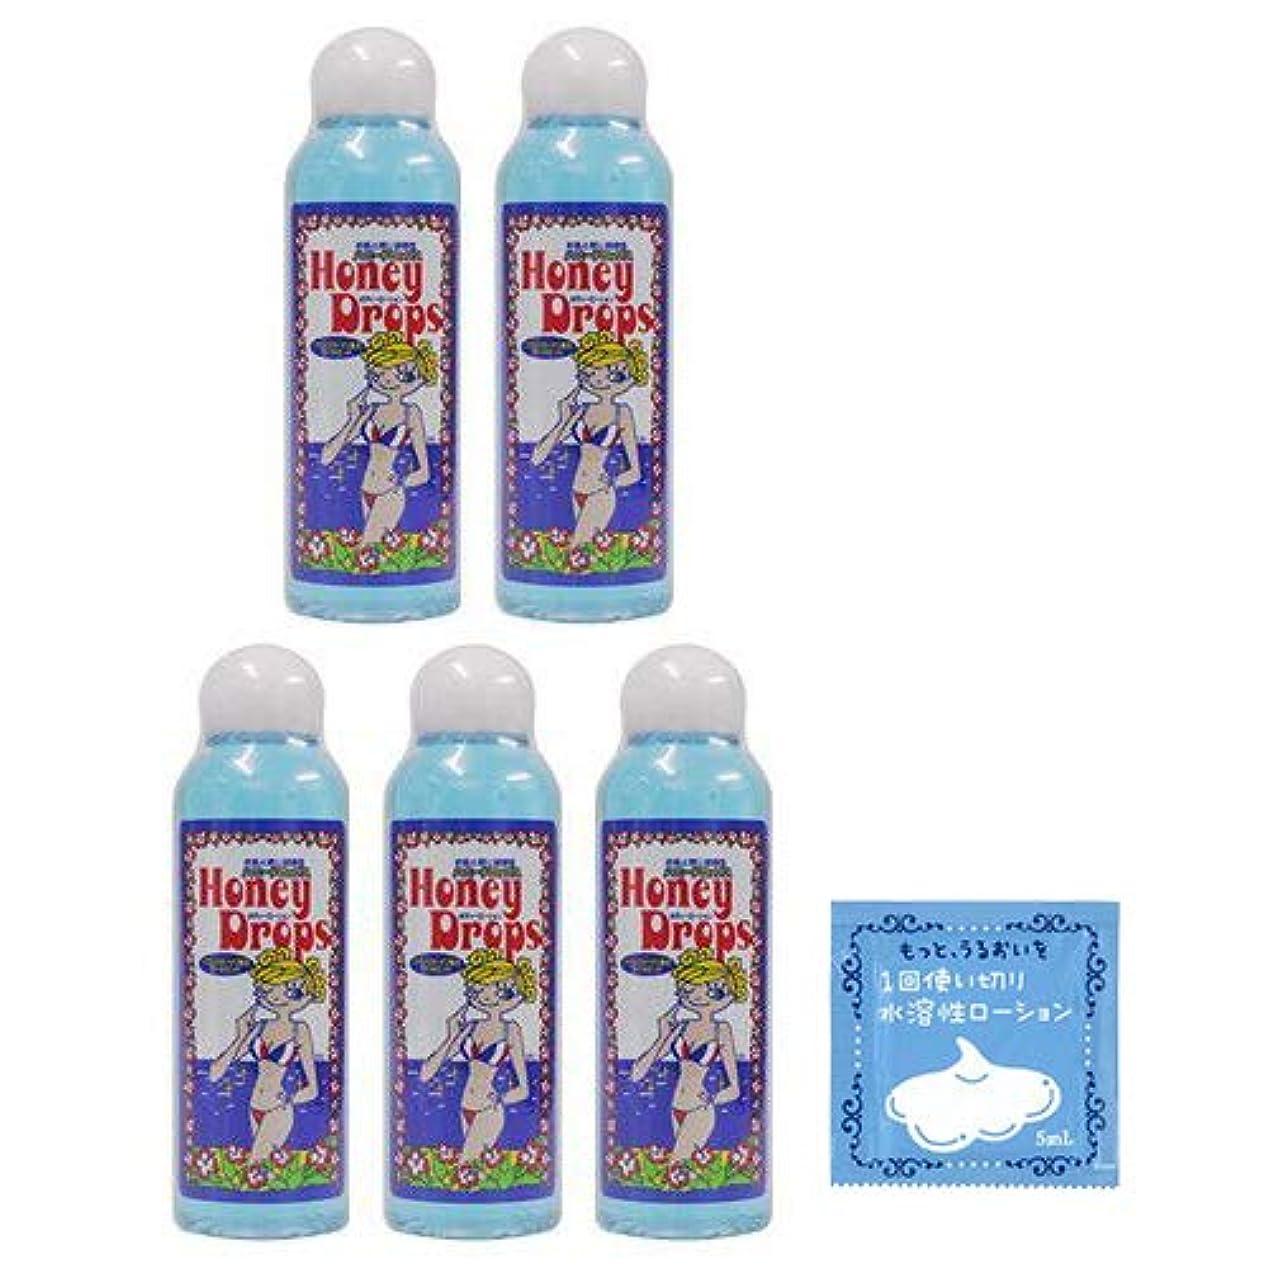 喉が渇いた出席結果としてハニードロップスクールミント150mL HoneyDropsCoolmint150 ×5本 + 1回使い切り水溶性潤滑ローション